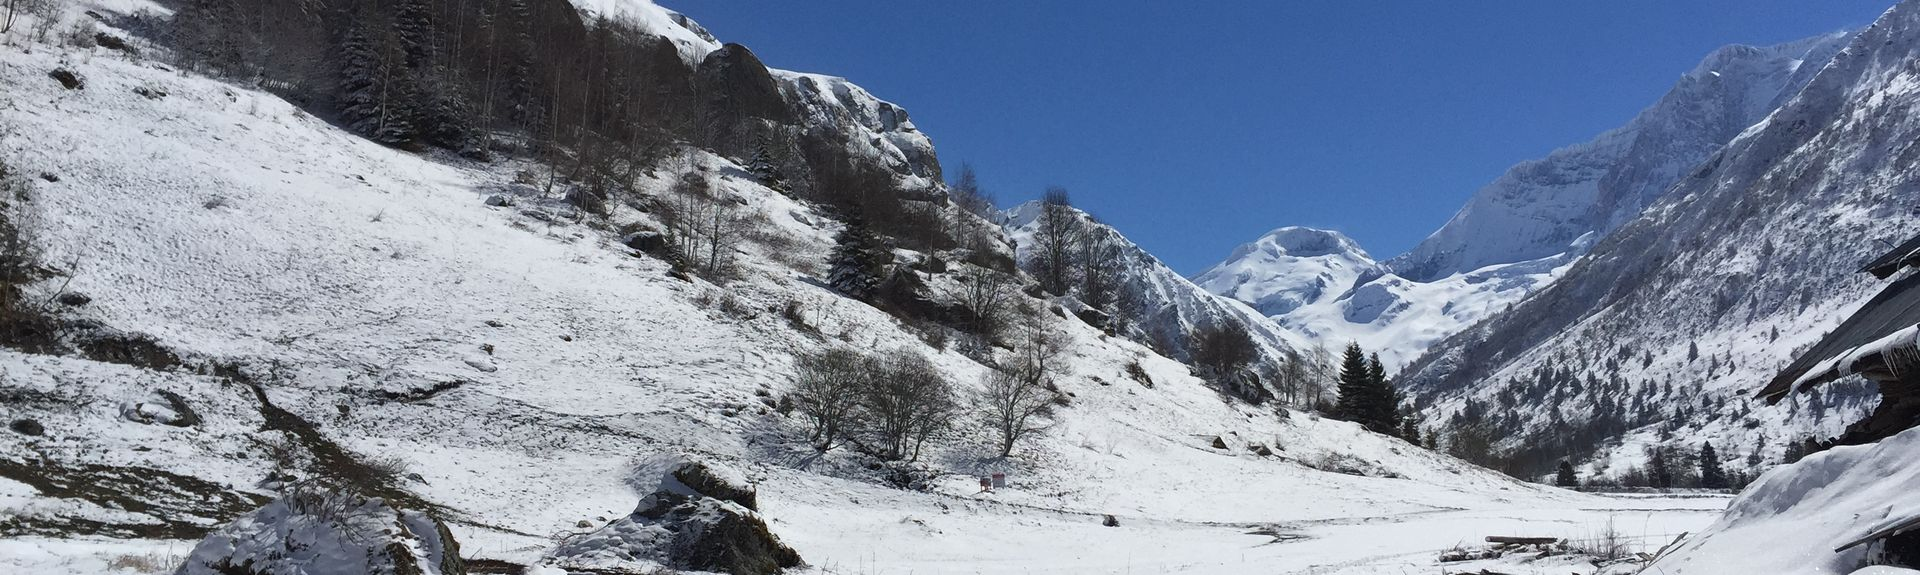 Station de ski de Paradiski, Mâcot-la-Plagne, Auvergne-Rhône-Alpes, France